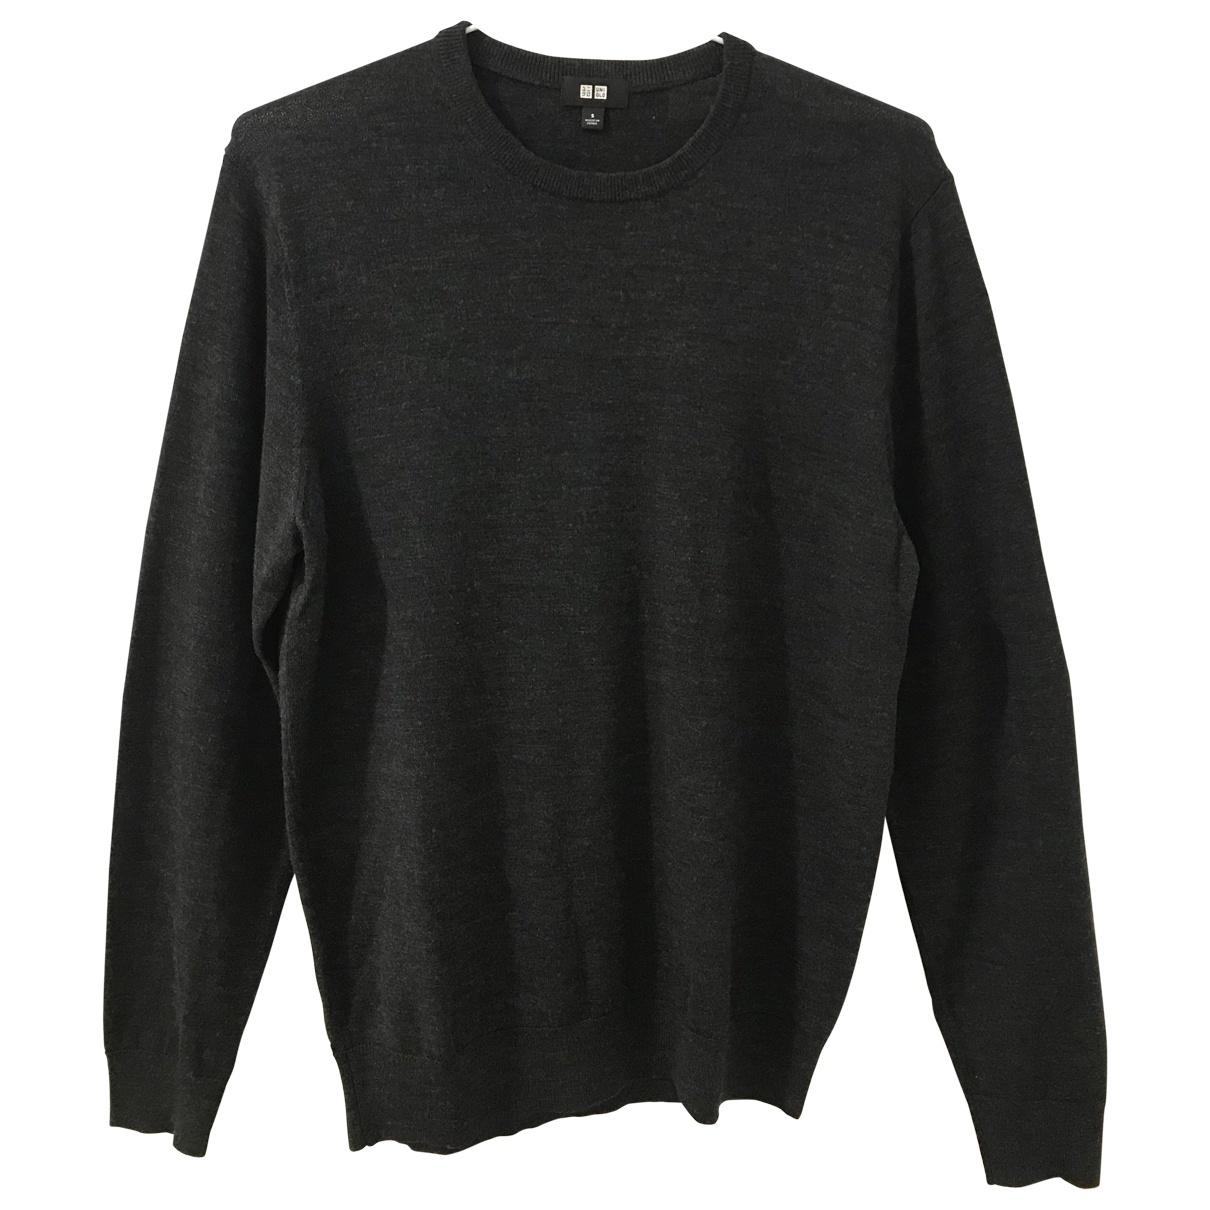 Uniqlo \N Black Wool Knitwear & Sweatshirts for Men S International